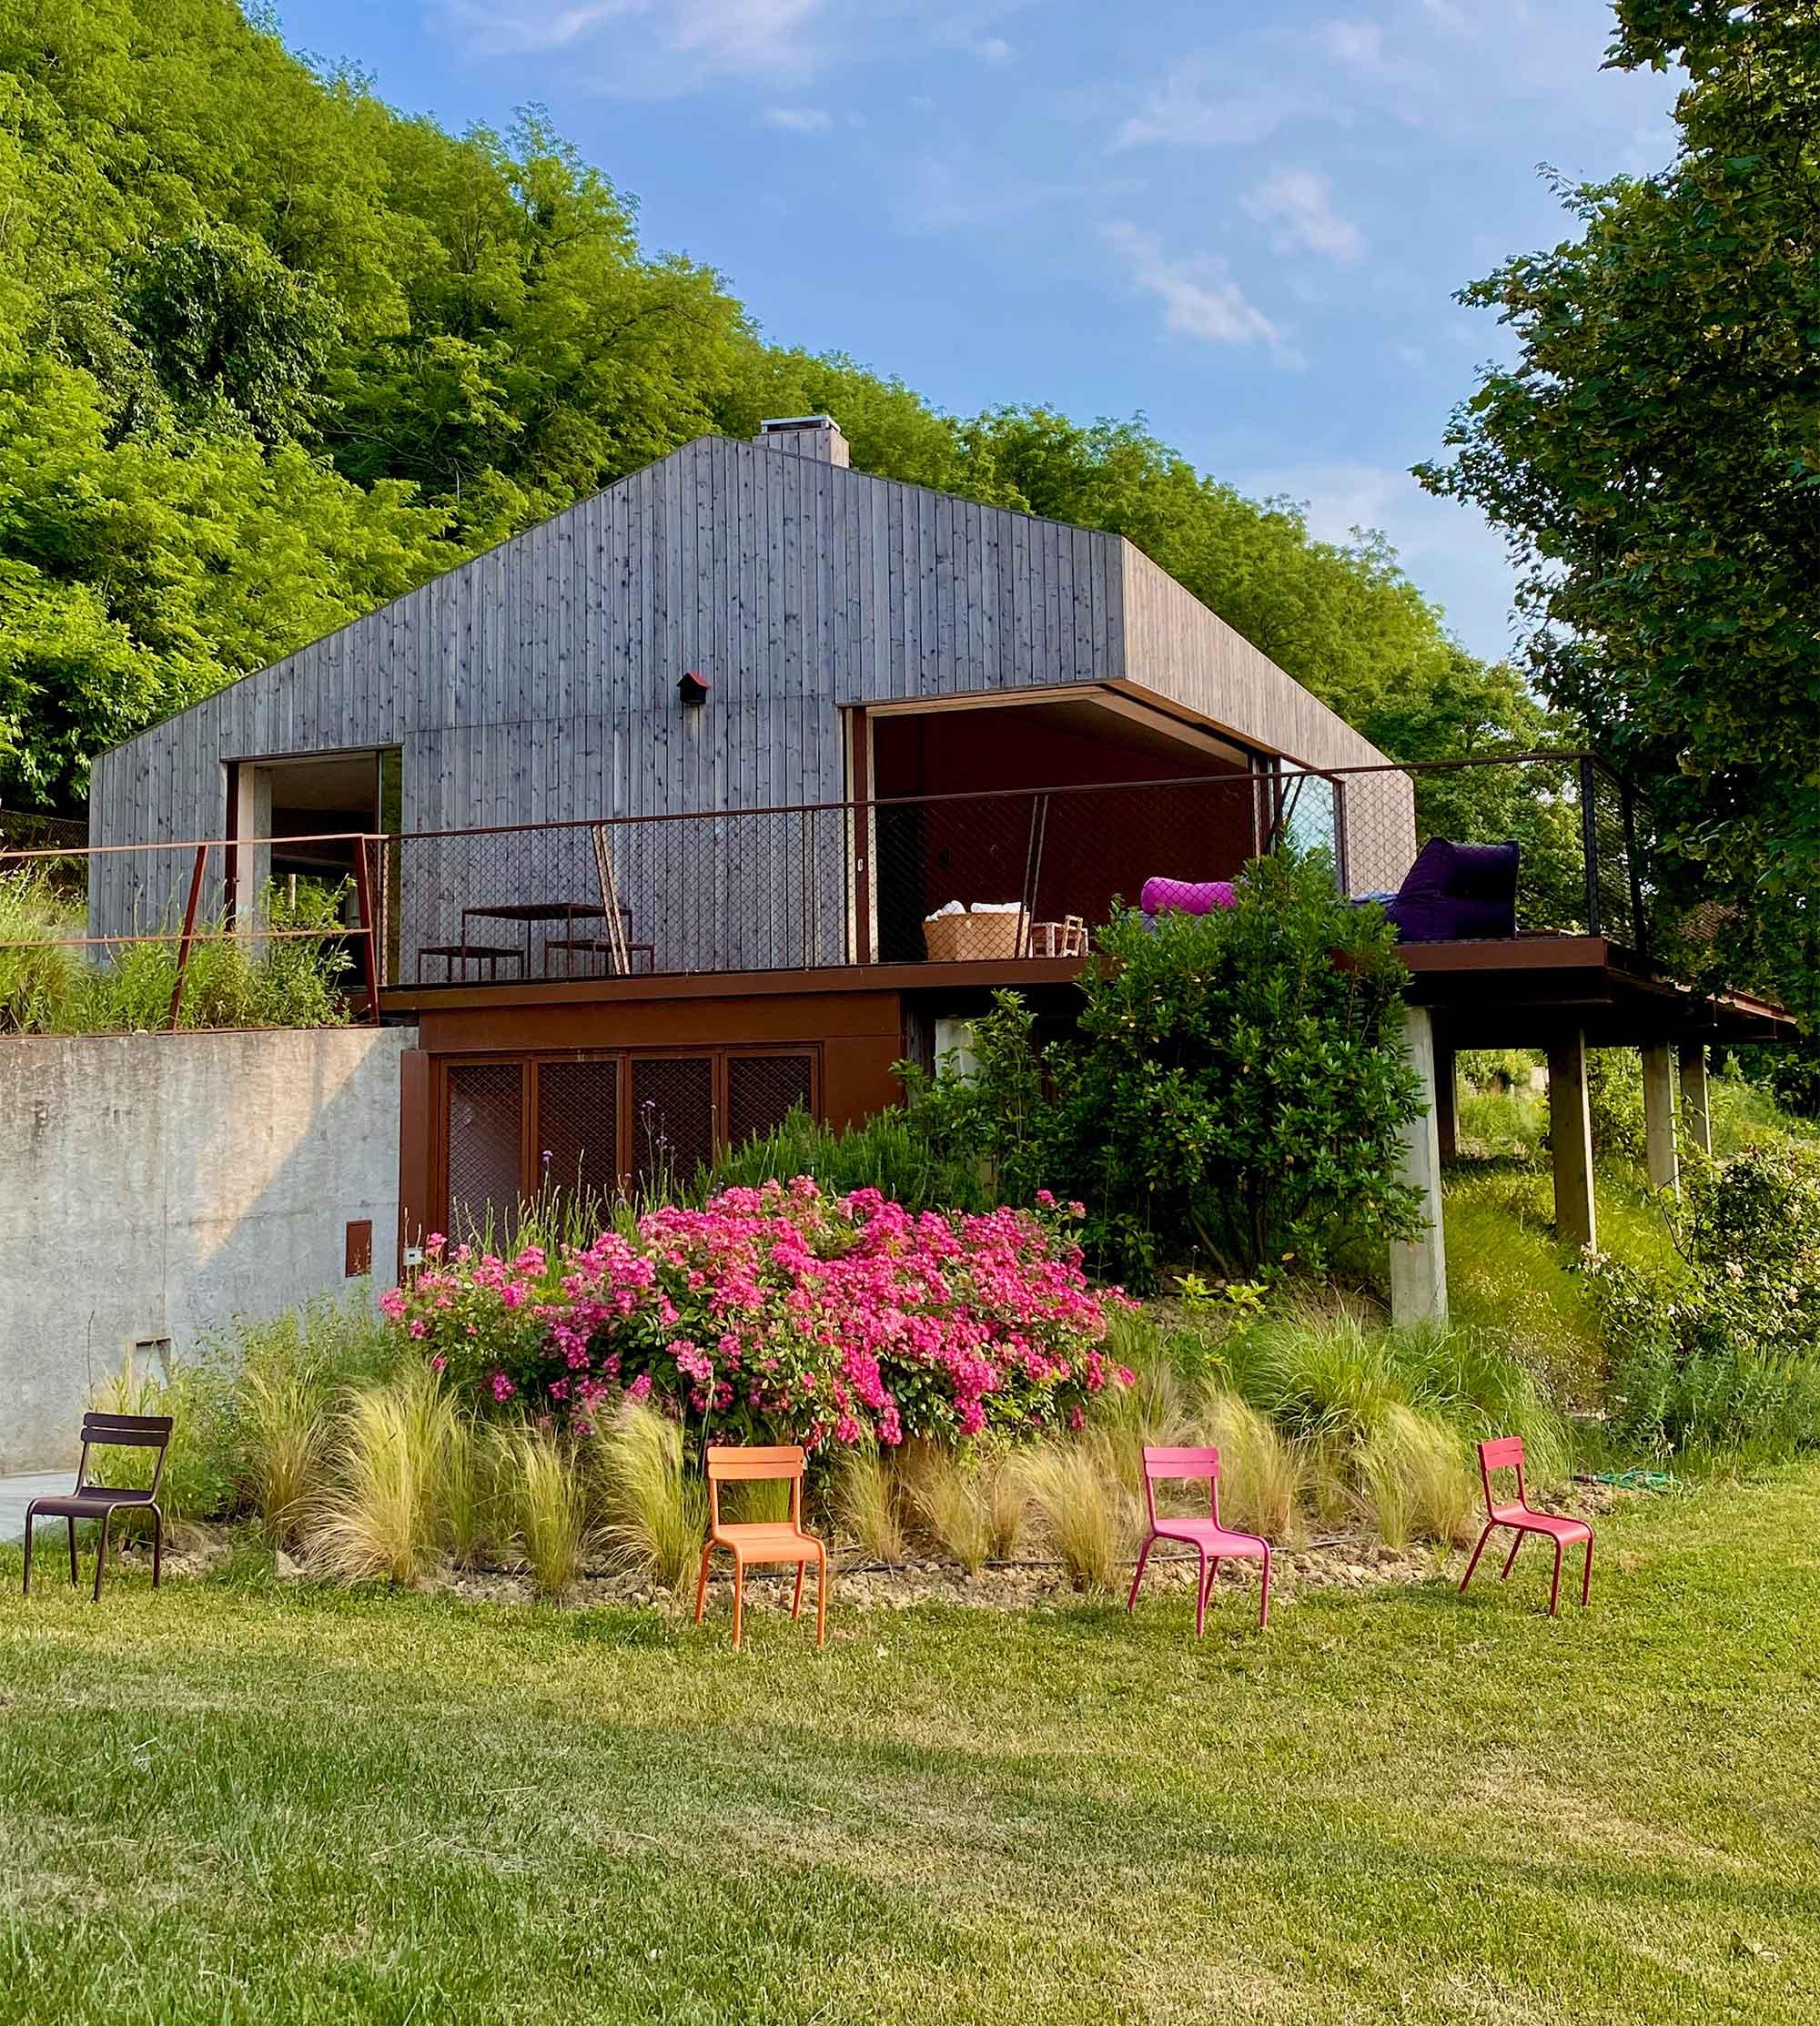 Das hübsche Grün umgibt das einzigartige Holzhaus La Mugletta